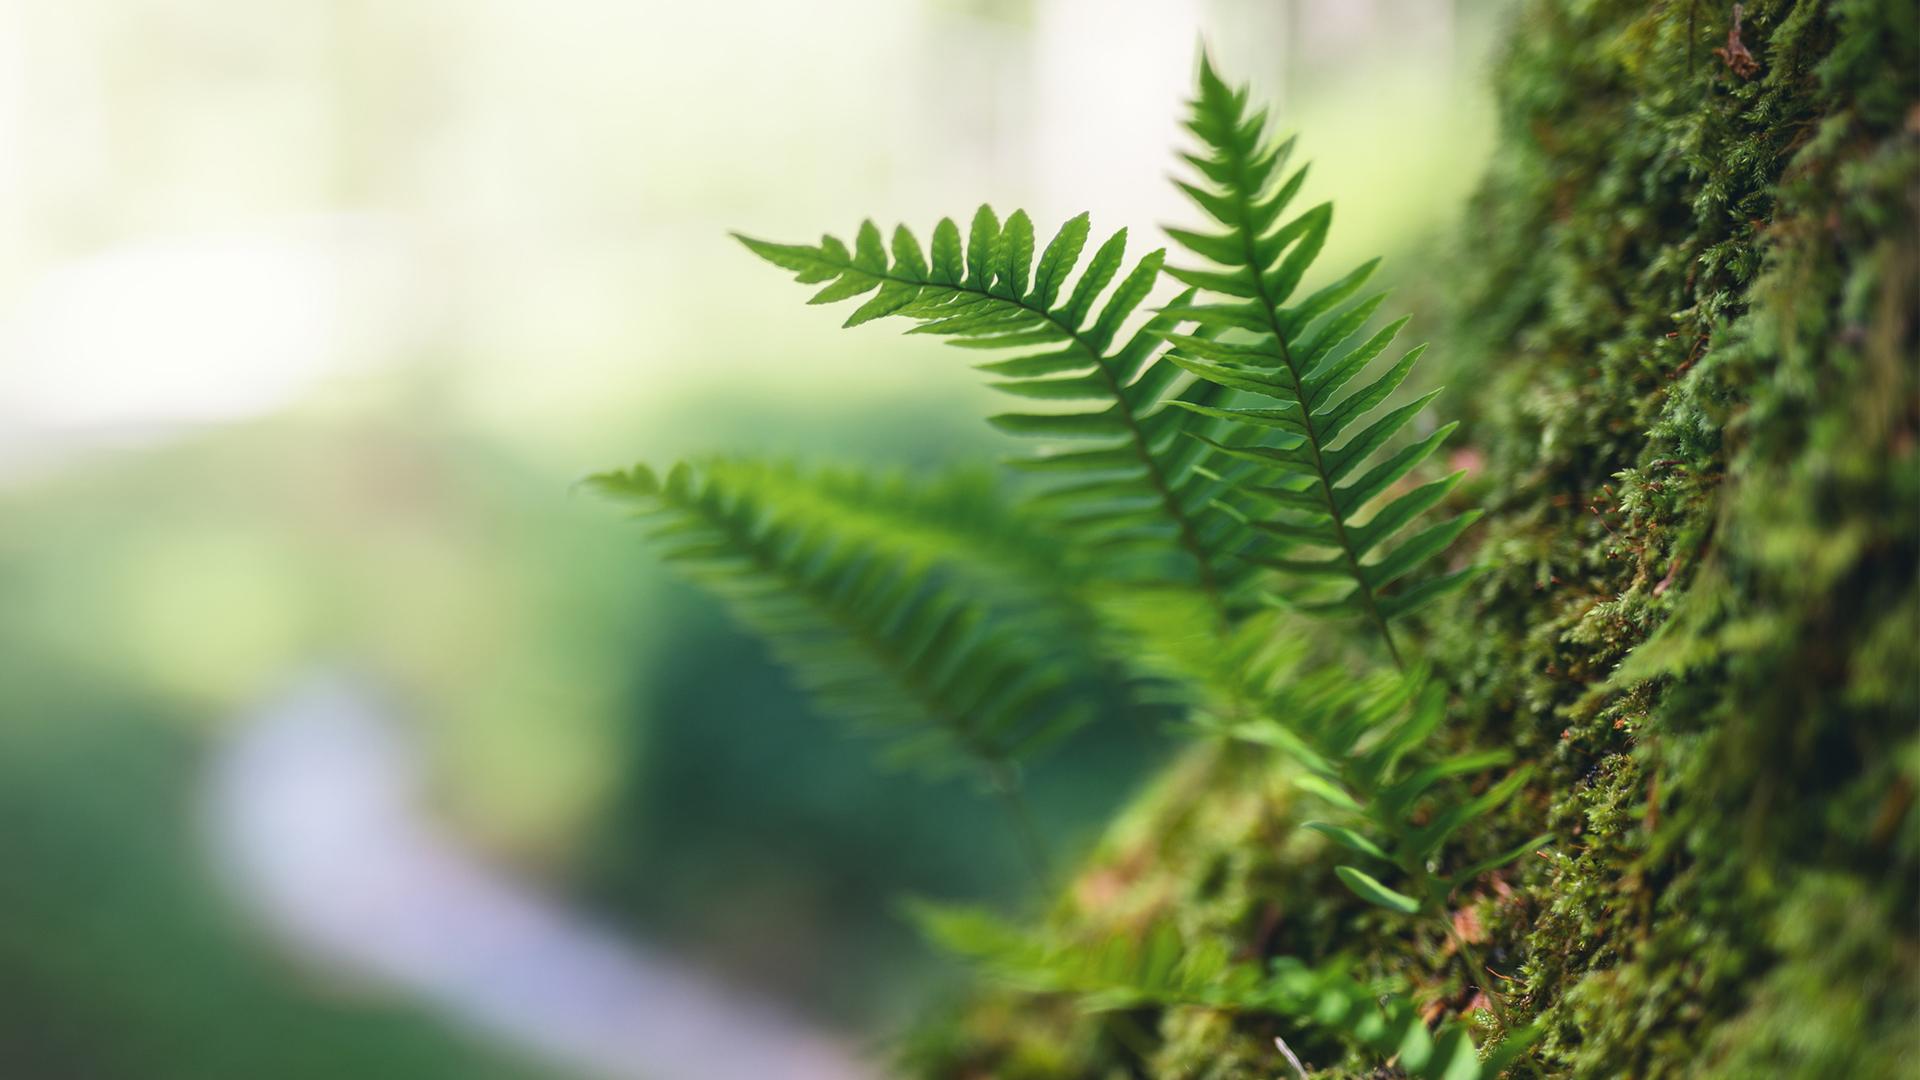 Metsä ja luonto ovat monelle hyvinvoinnin lähde.